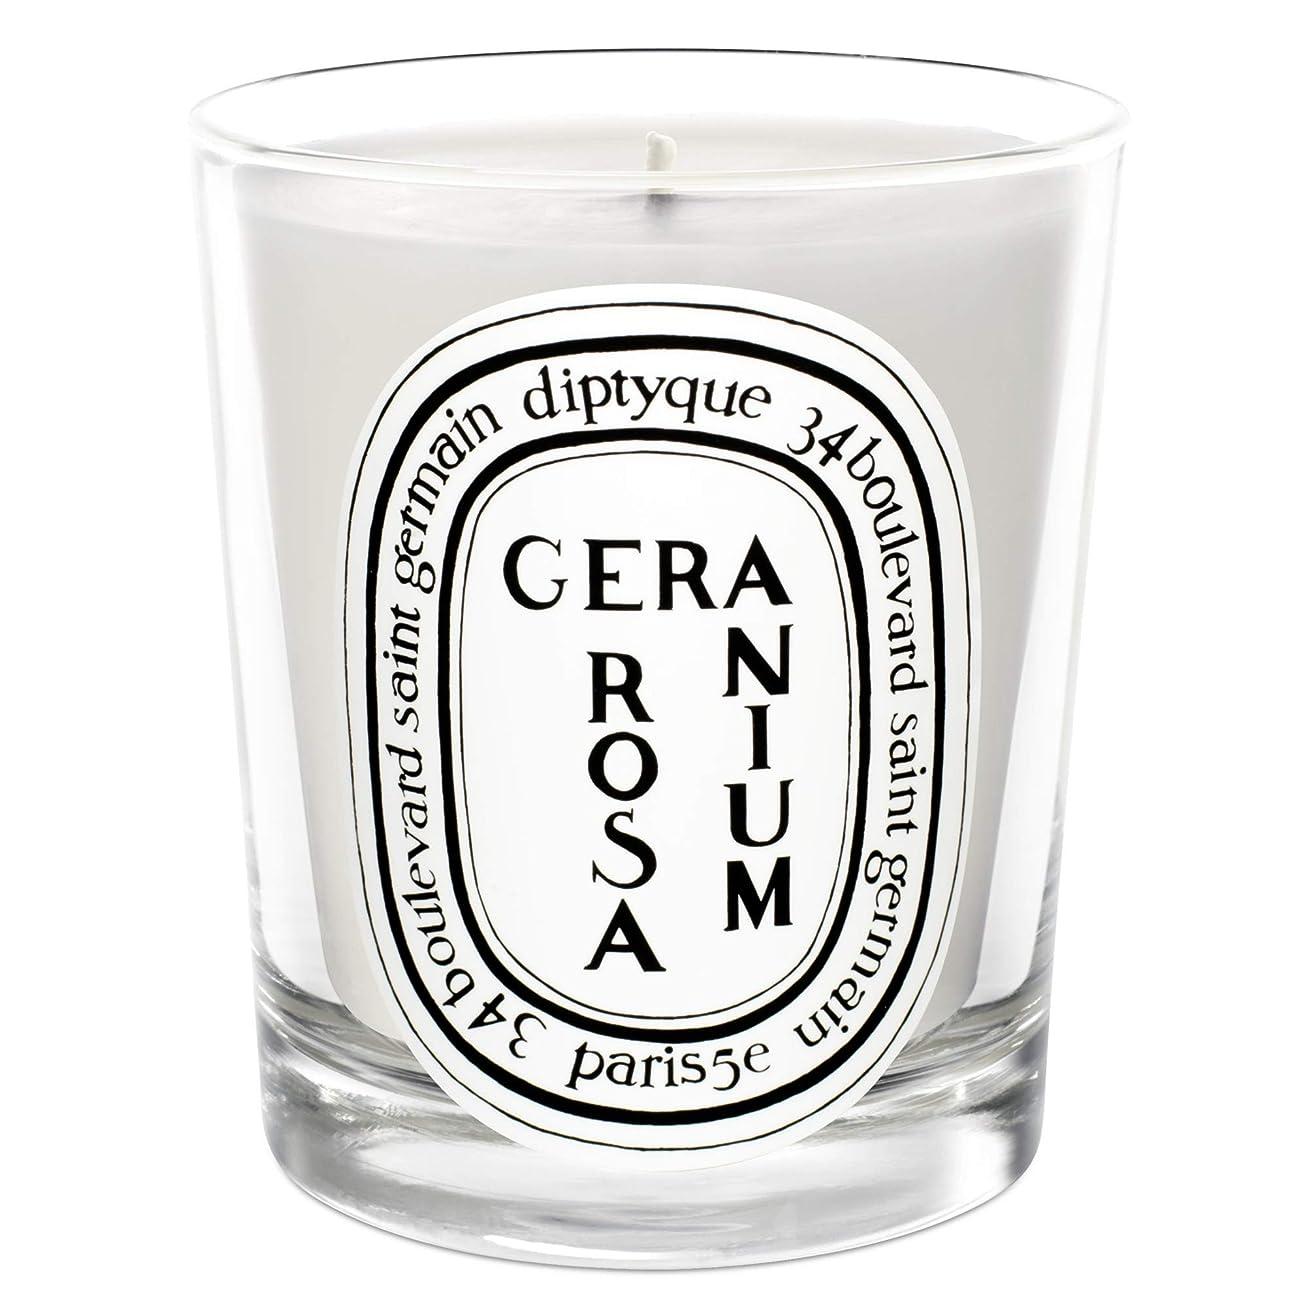 狂ったユーモアどこにも[Diptyque] Diptyqueゼラニウムローザ香りのキャンドル190グラム - Diptyque Geranium Rosa Scented Candle 190g [並行輸入品]